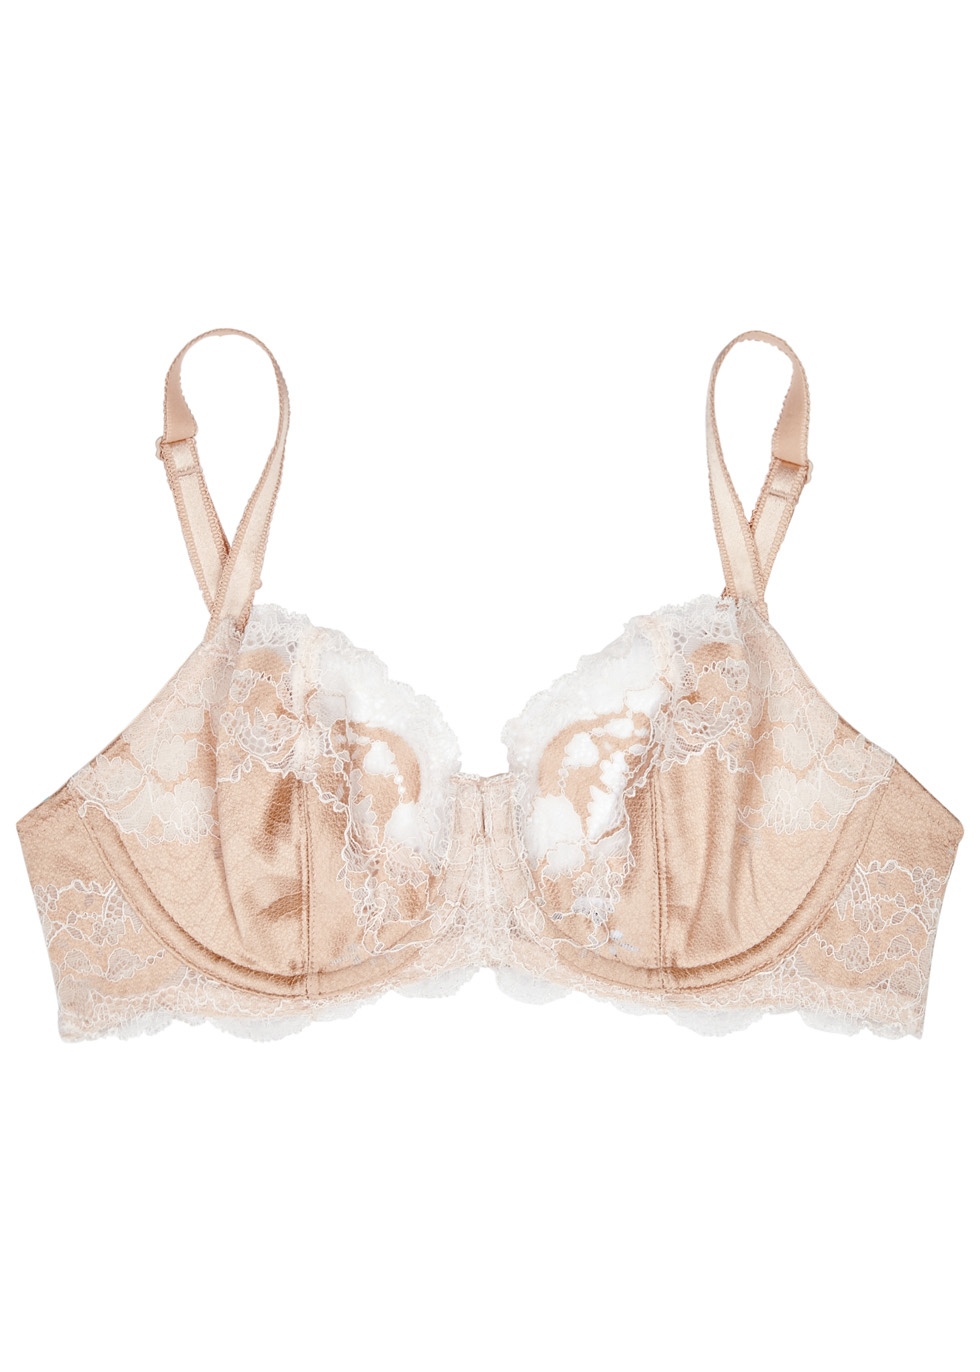 Lace Affair blush underwired bra